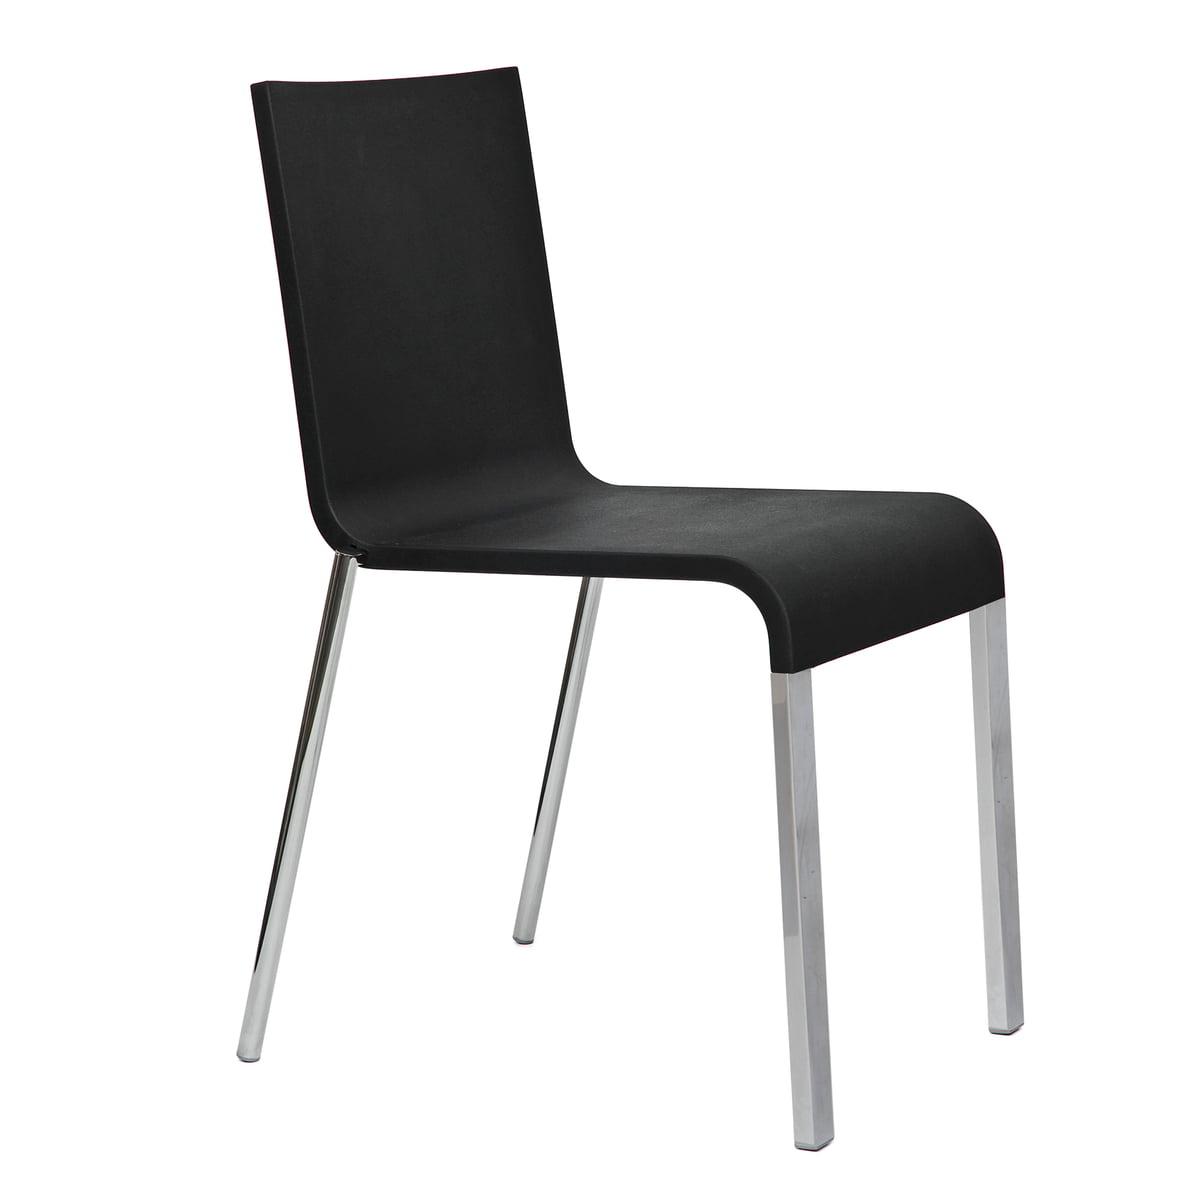 vitra stuhl 03 bei entdecken. Black Bedroom Furniture Sets. Home Design Ideas